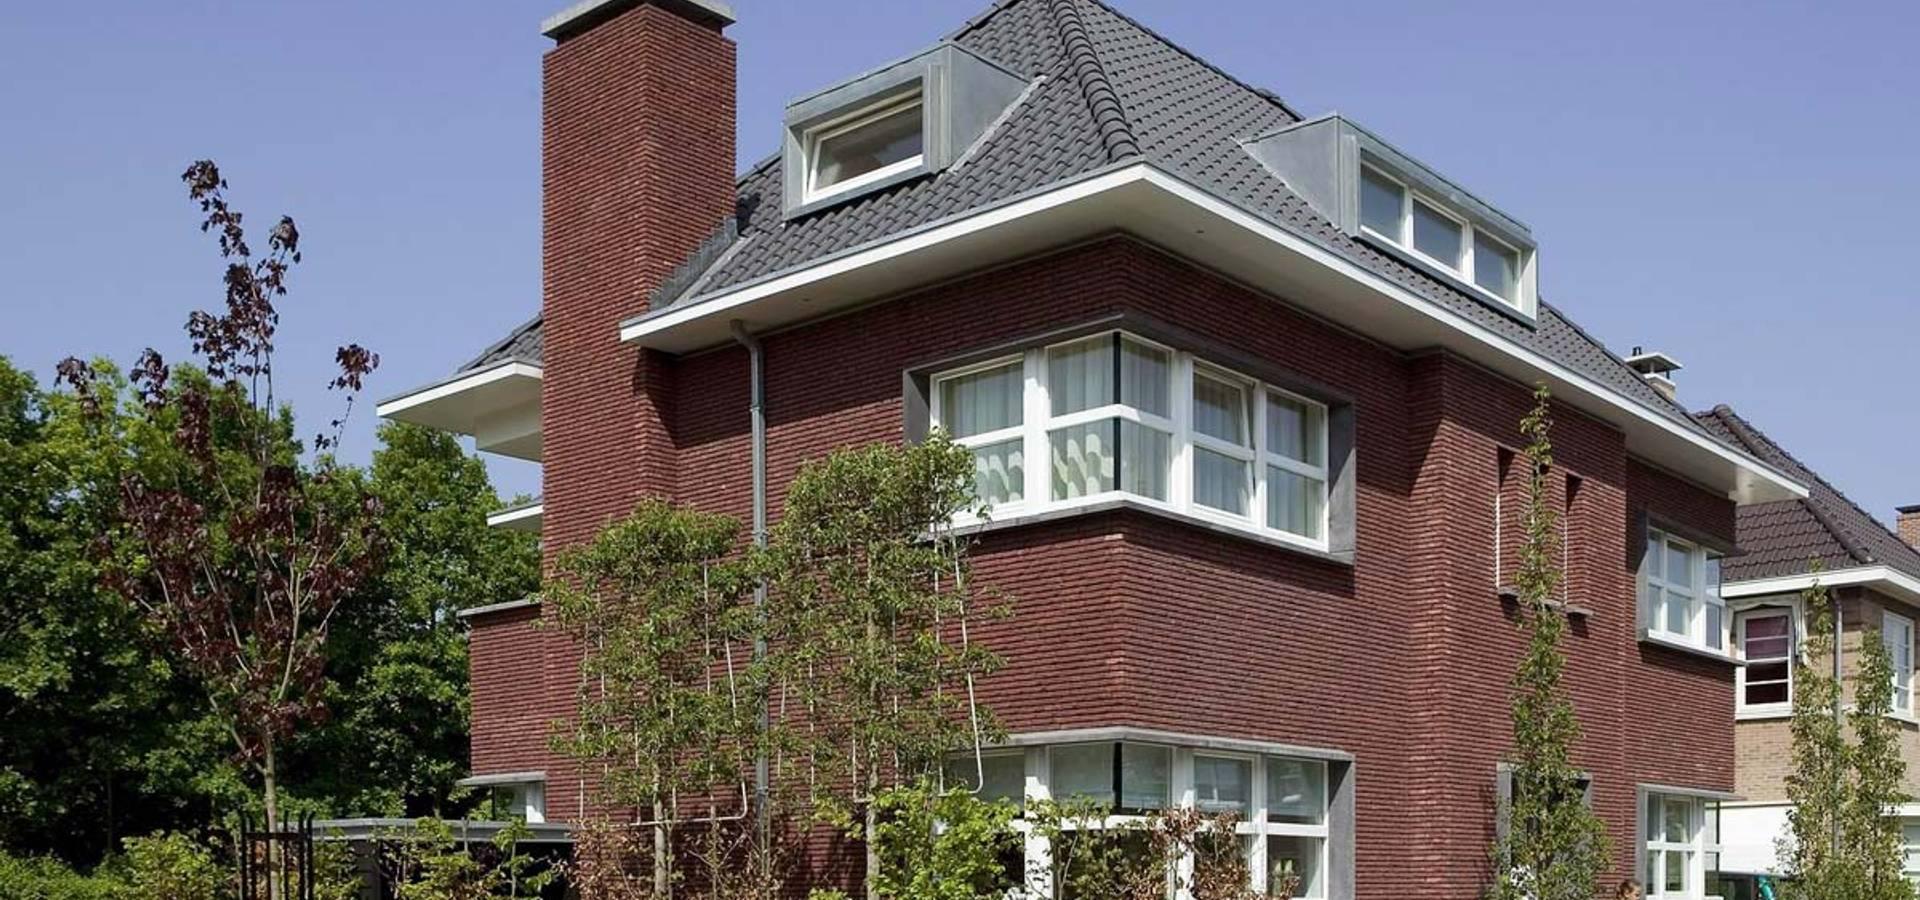 Hopmanhuis